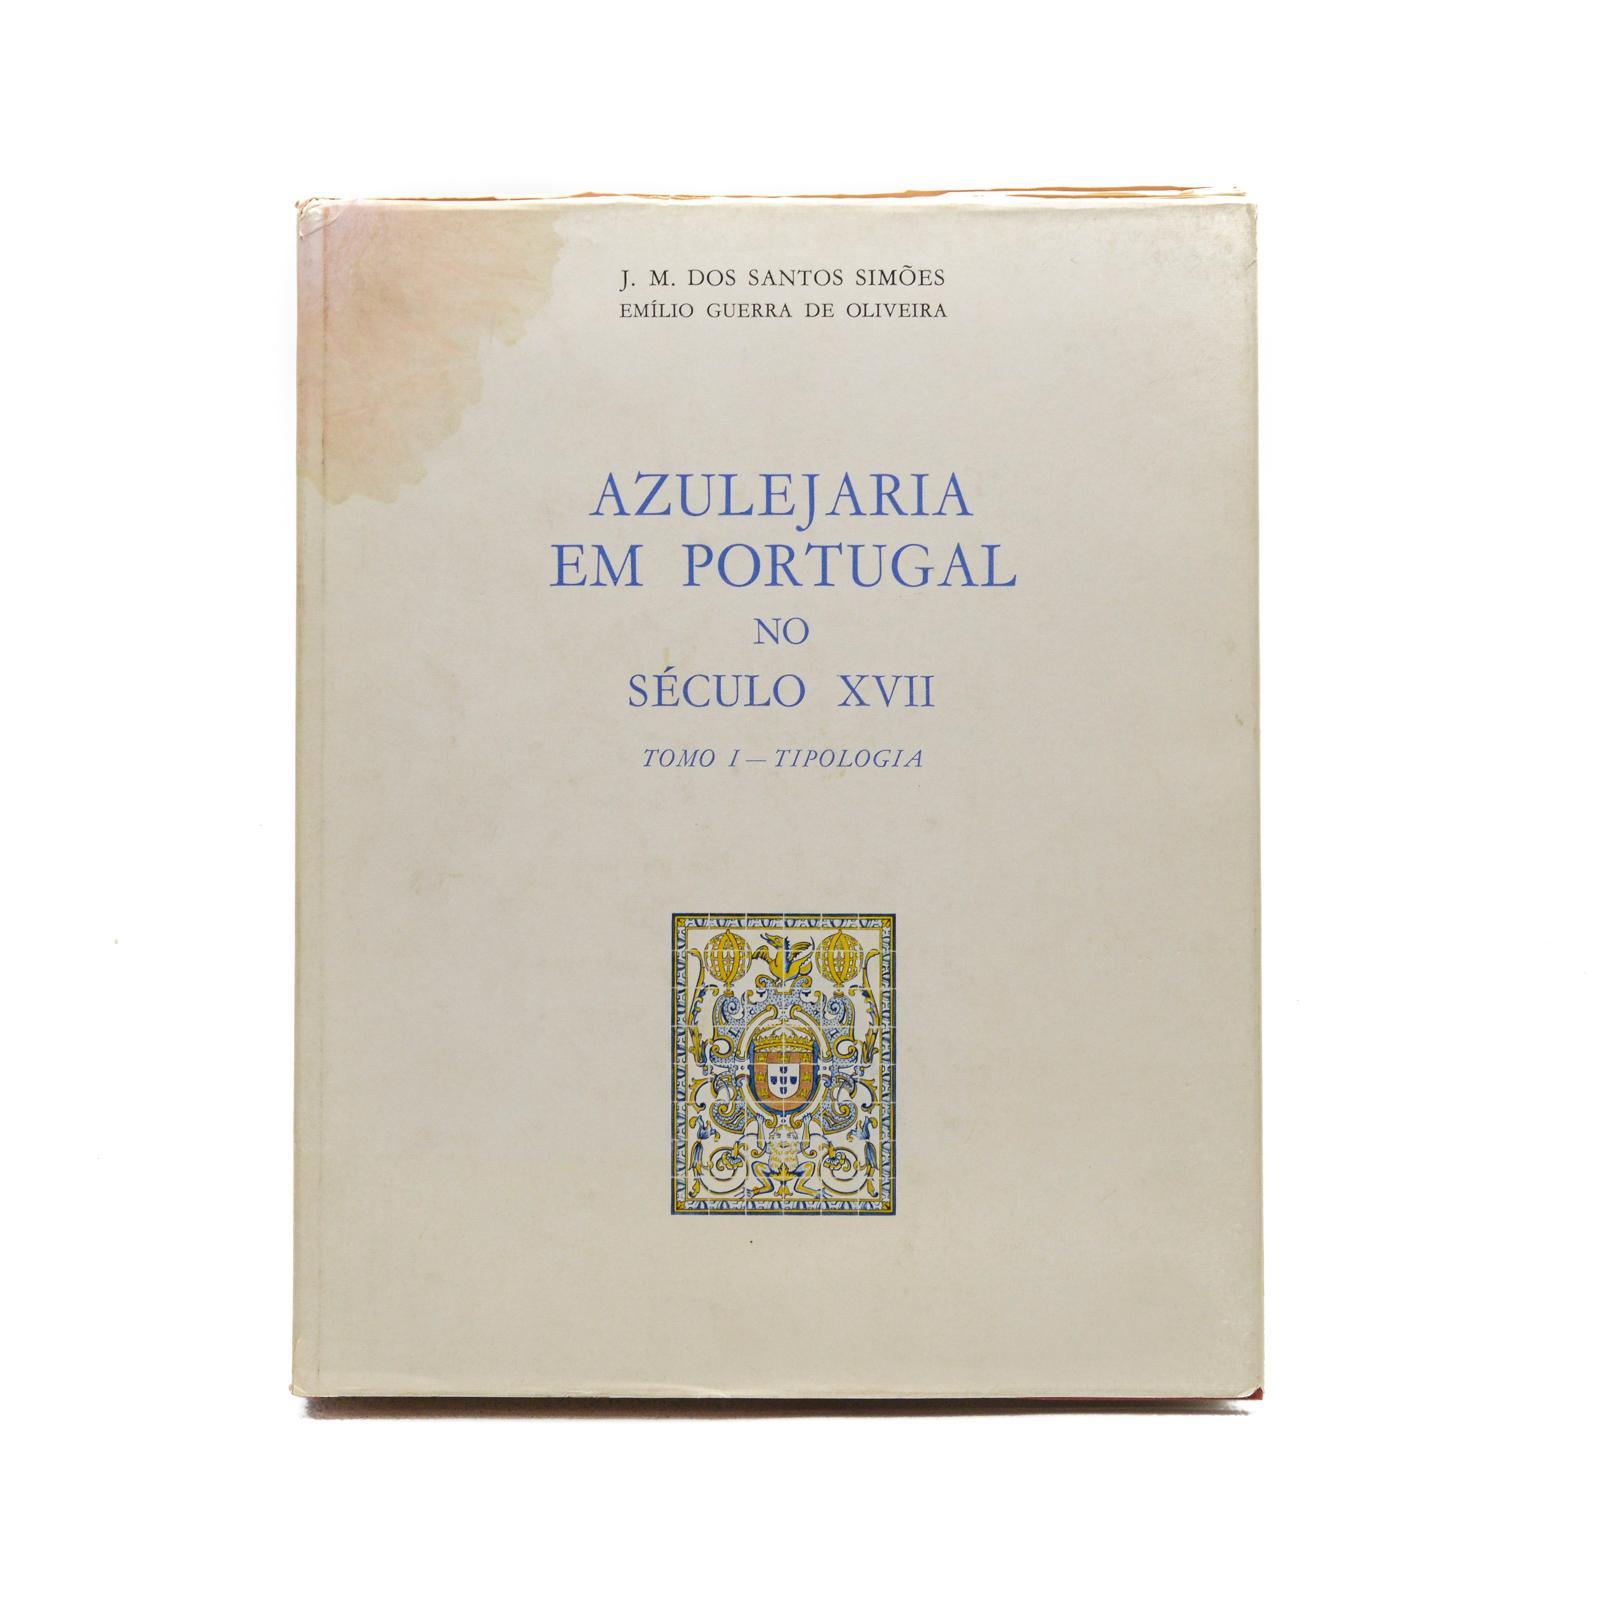 AZULEJARIA EM PORTUGAL NO SÉCULO XVII, 1 vol. enc.